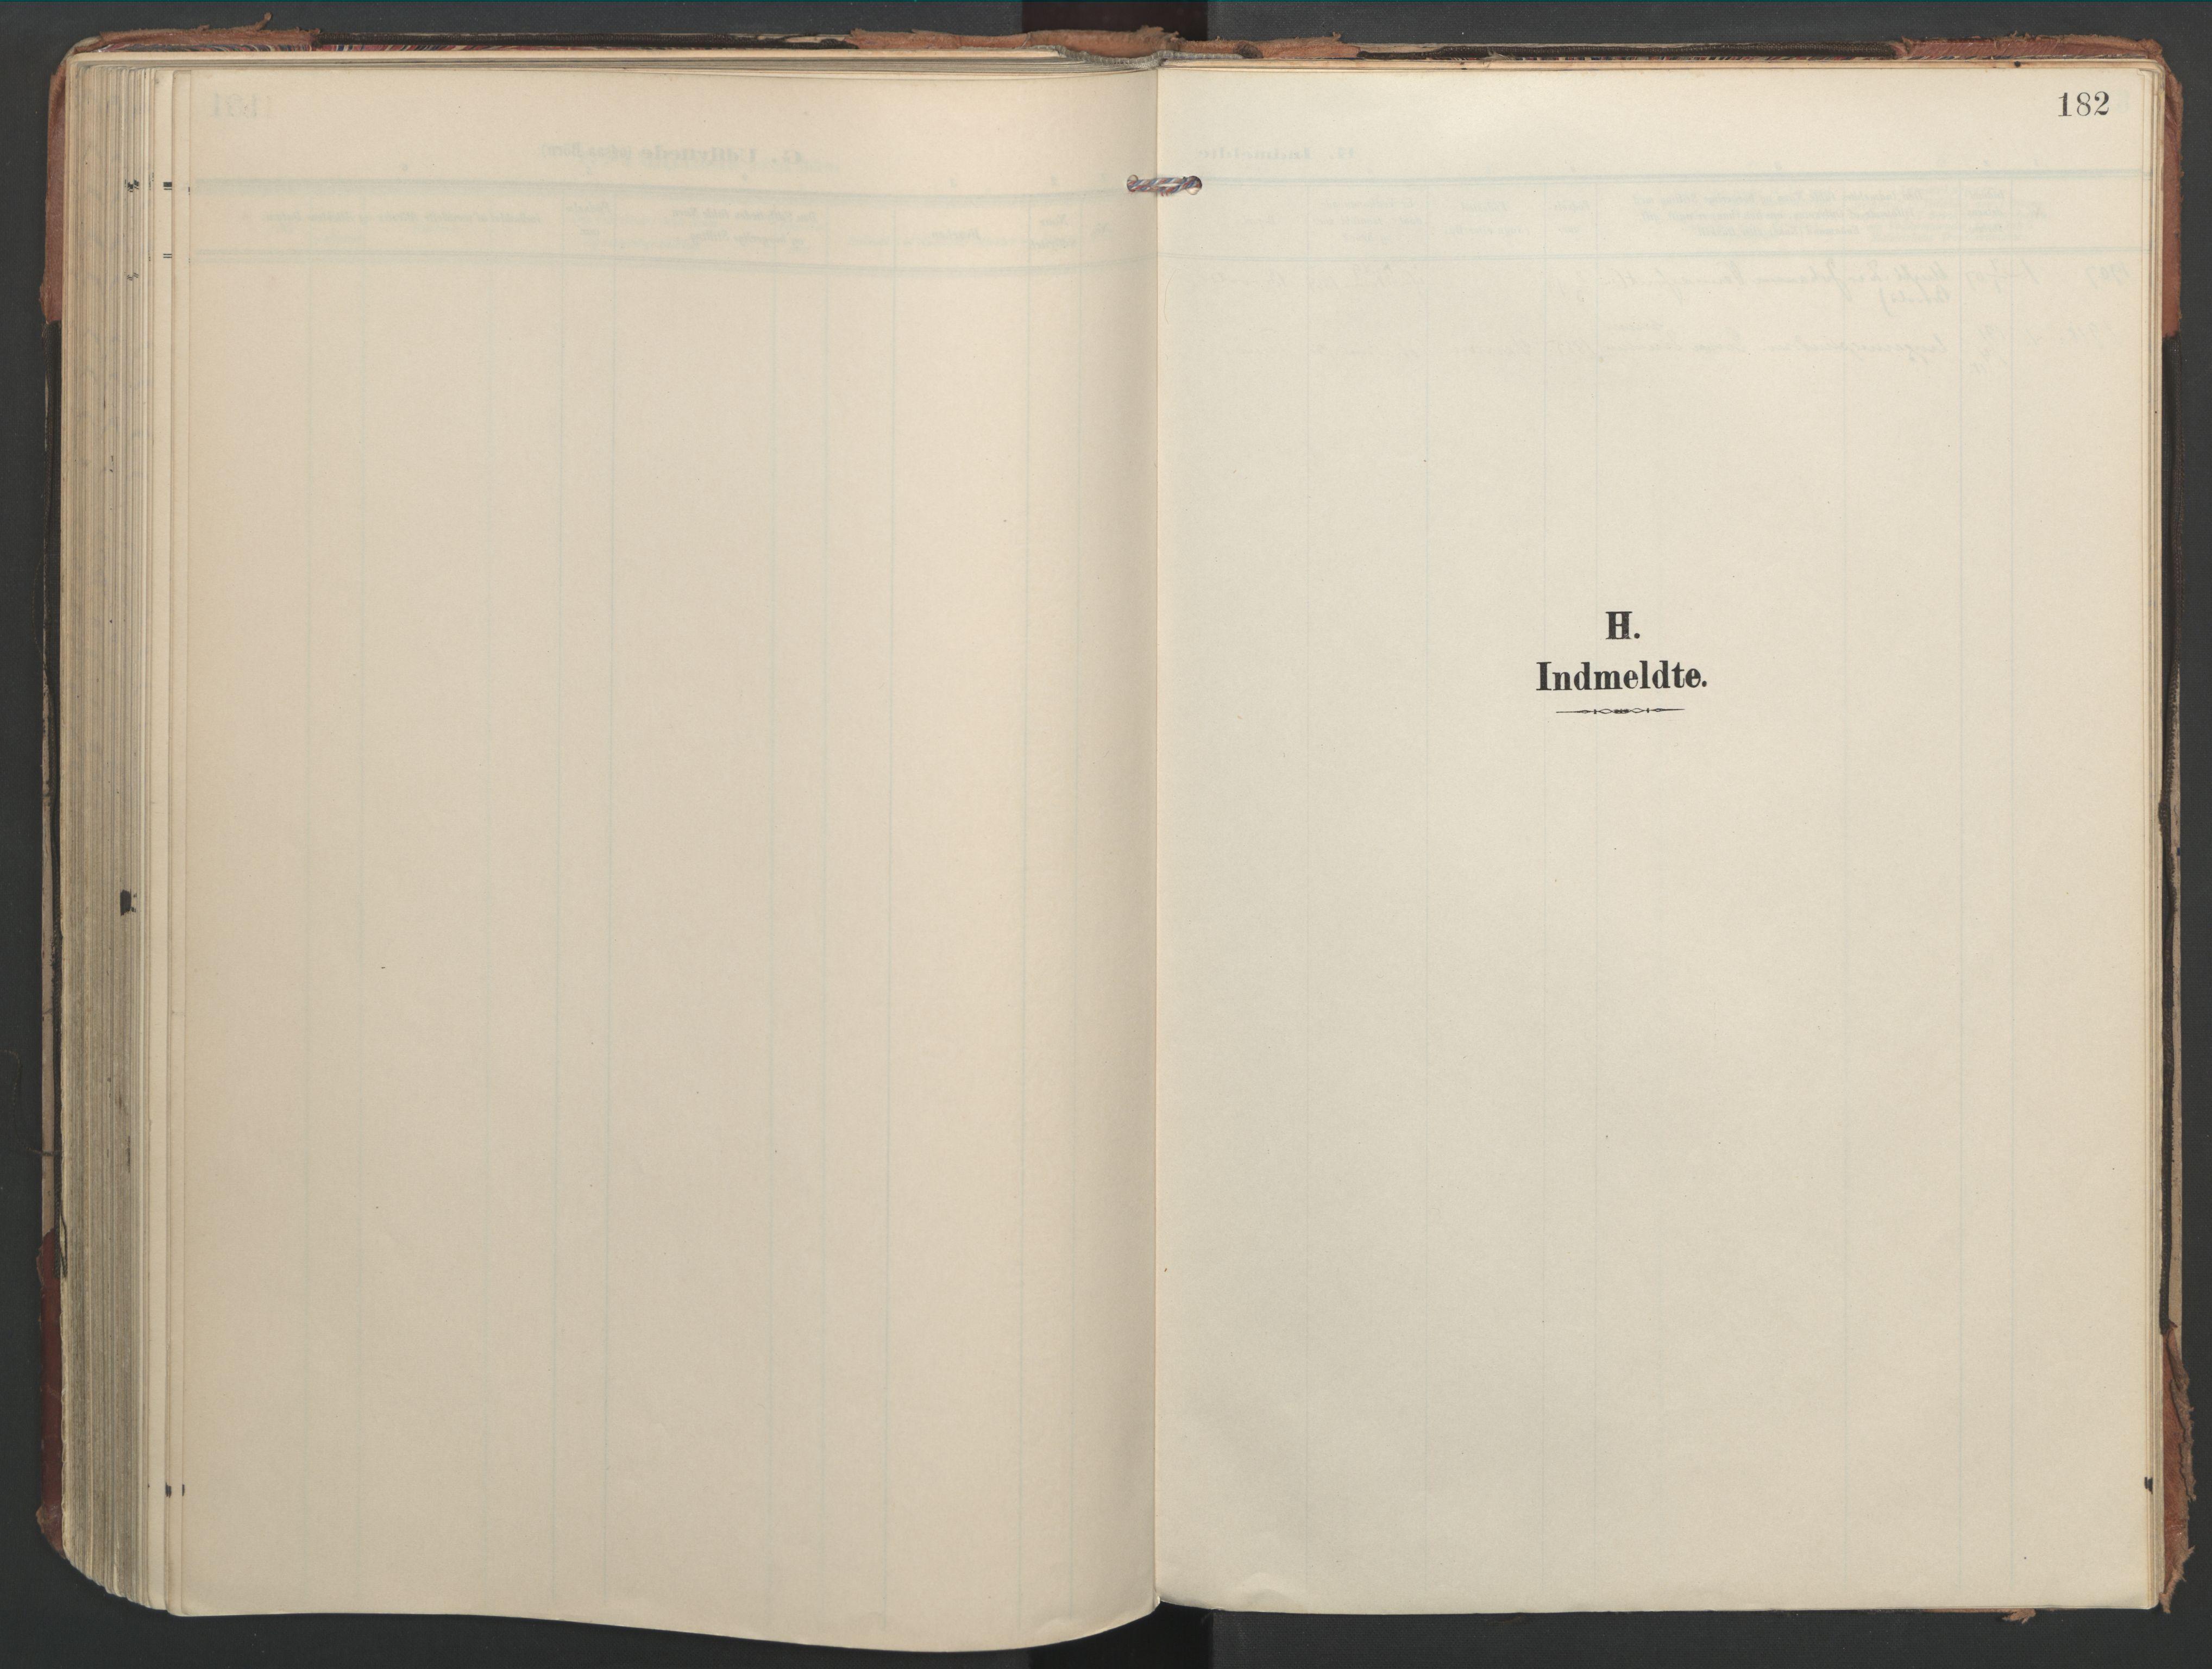 SAT, Ministerialprotokoller, klokkerbøker og fødselsregistre - Nord-Trøndelag, 744/L0421: Ministerialbok nr. 744A05, 1905-1930, s. 182